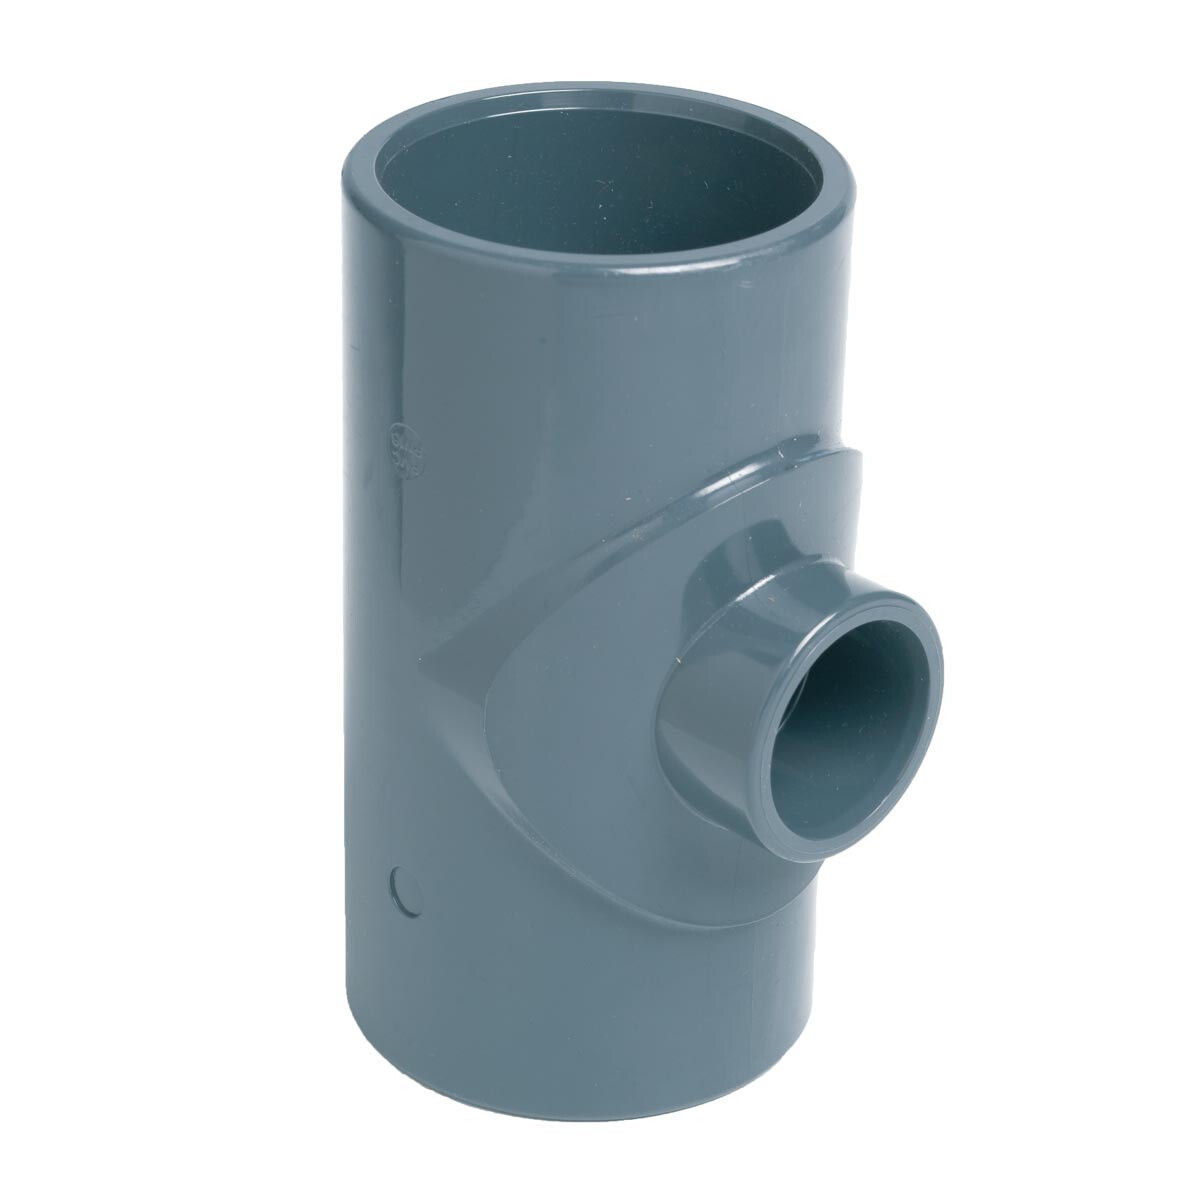 Тройник клеевой 90° редукционный EFFAST d63x40 мм (RDRTRD063E)